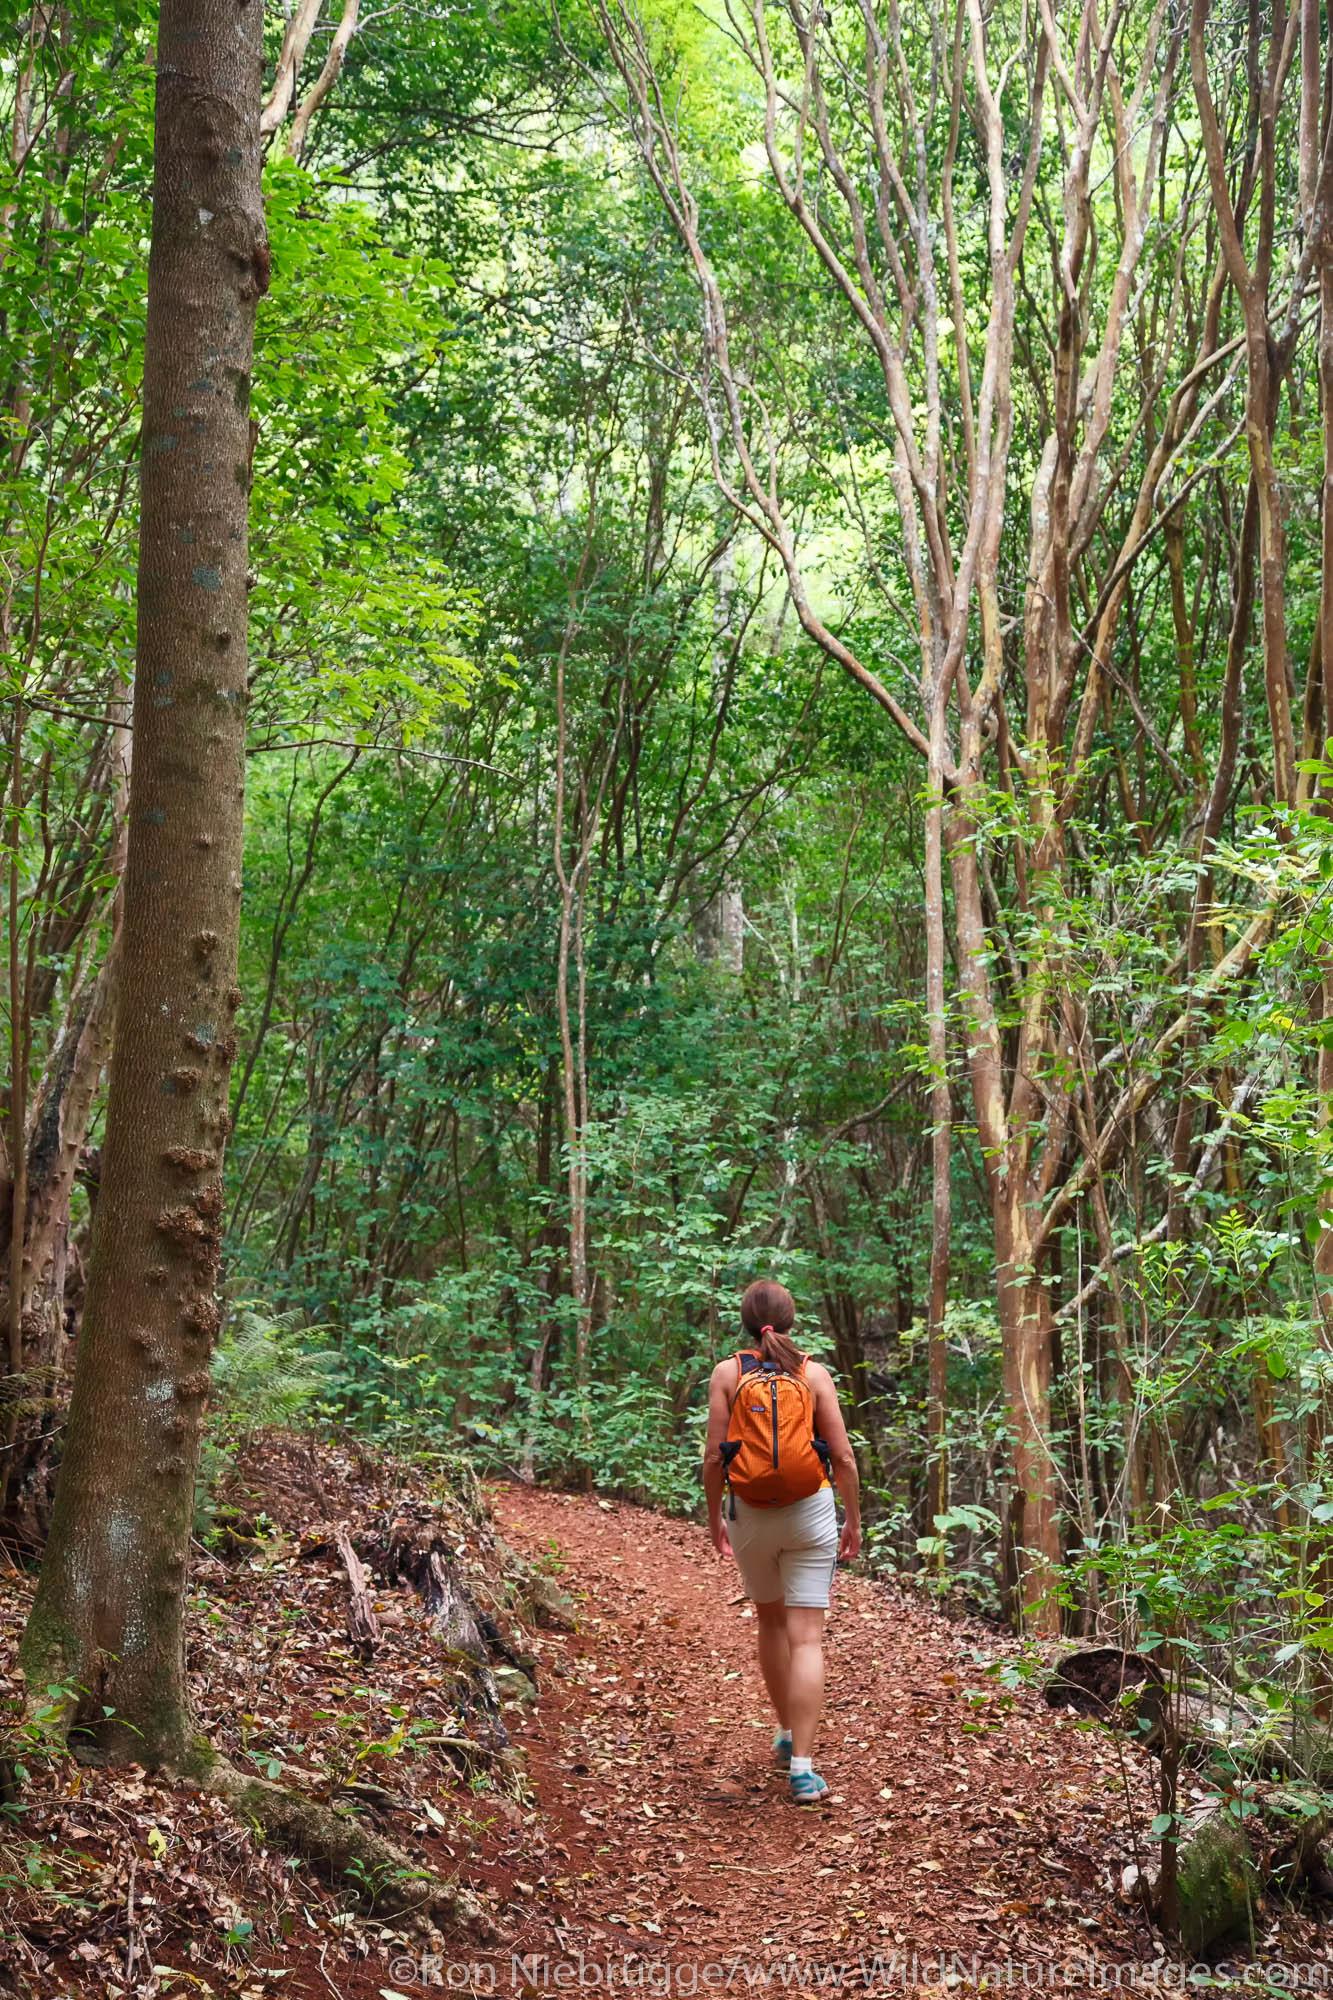 Hiking the Kahakapao LoopTrail, Makawao Forest Reserve, Maui, Hawaii.  (model released)